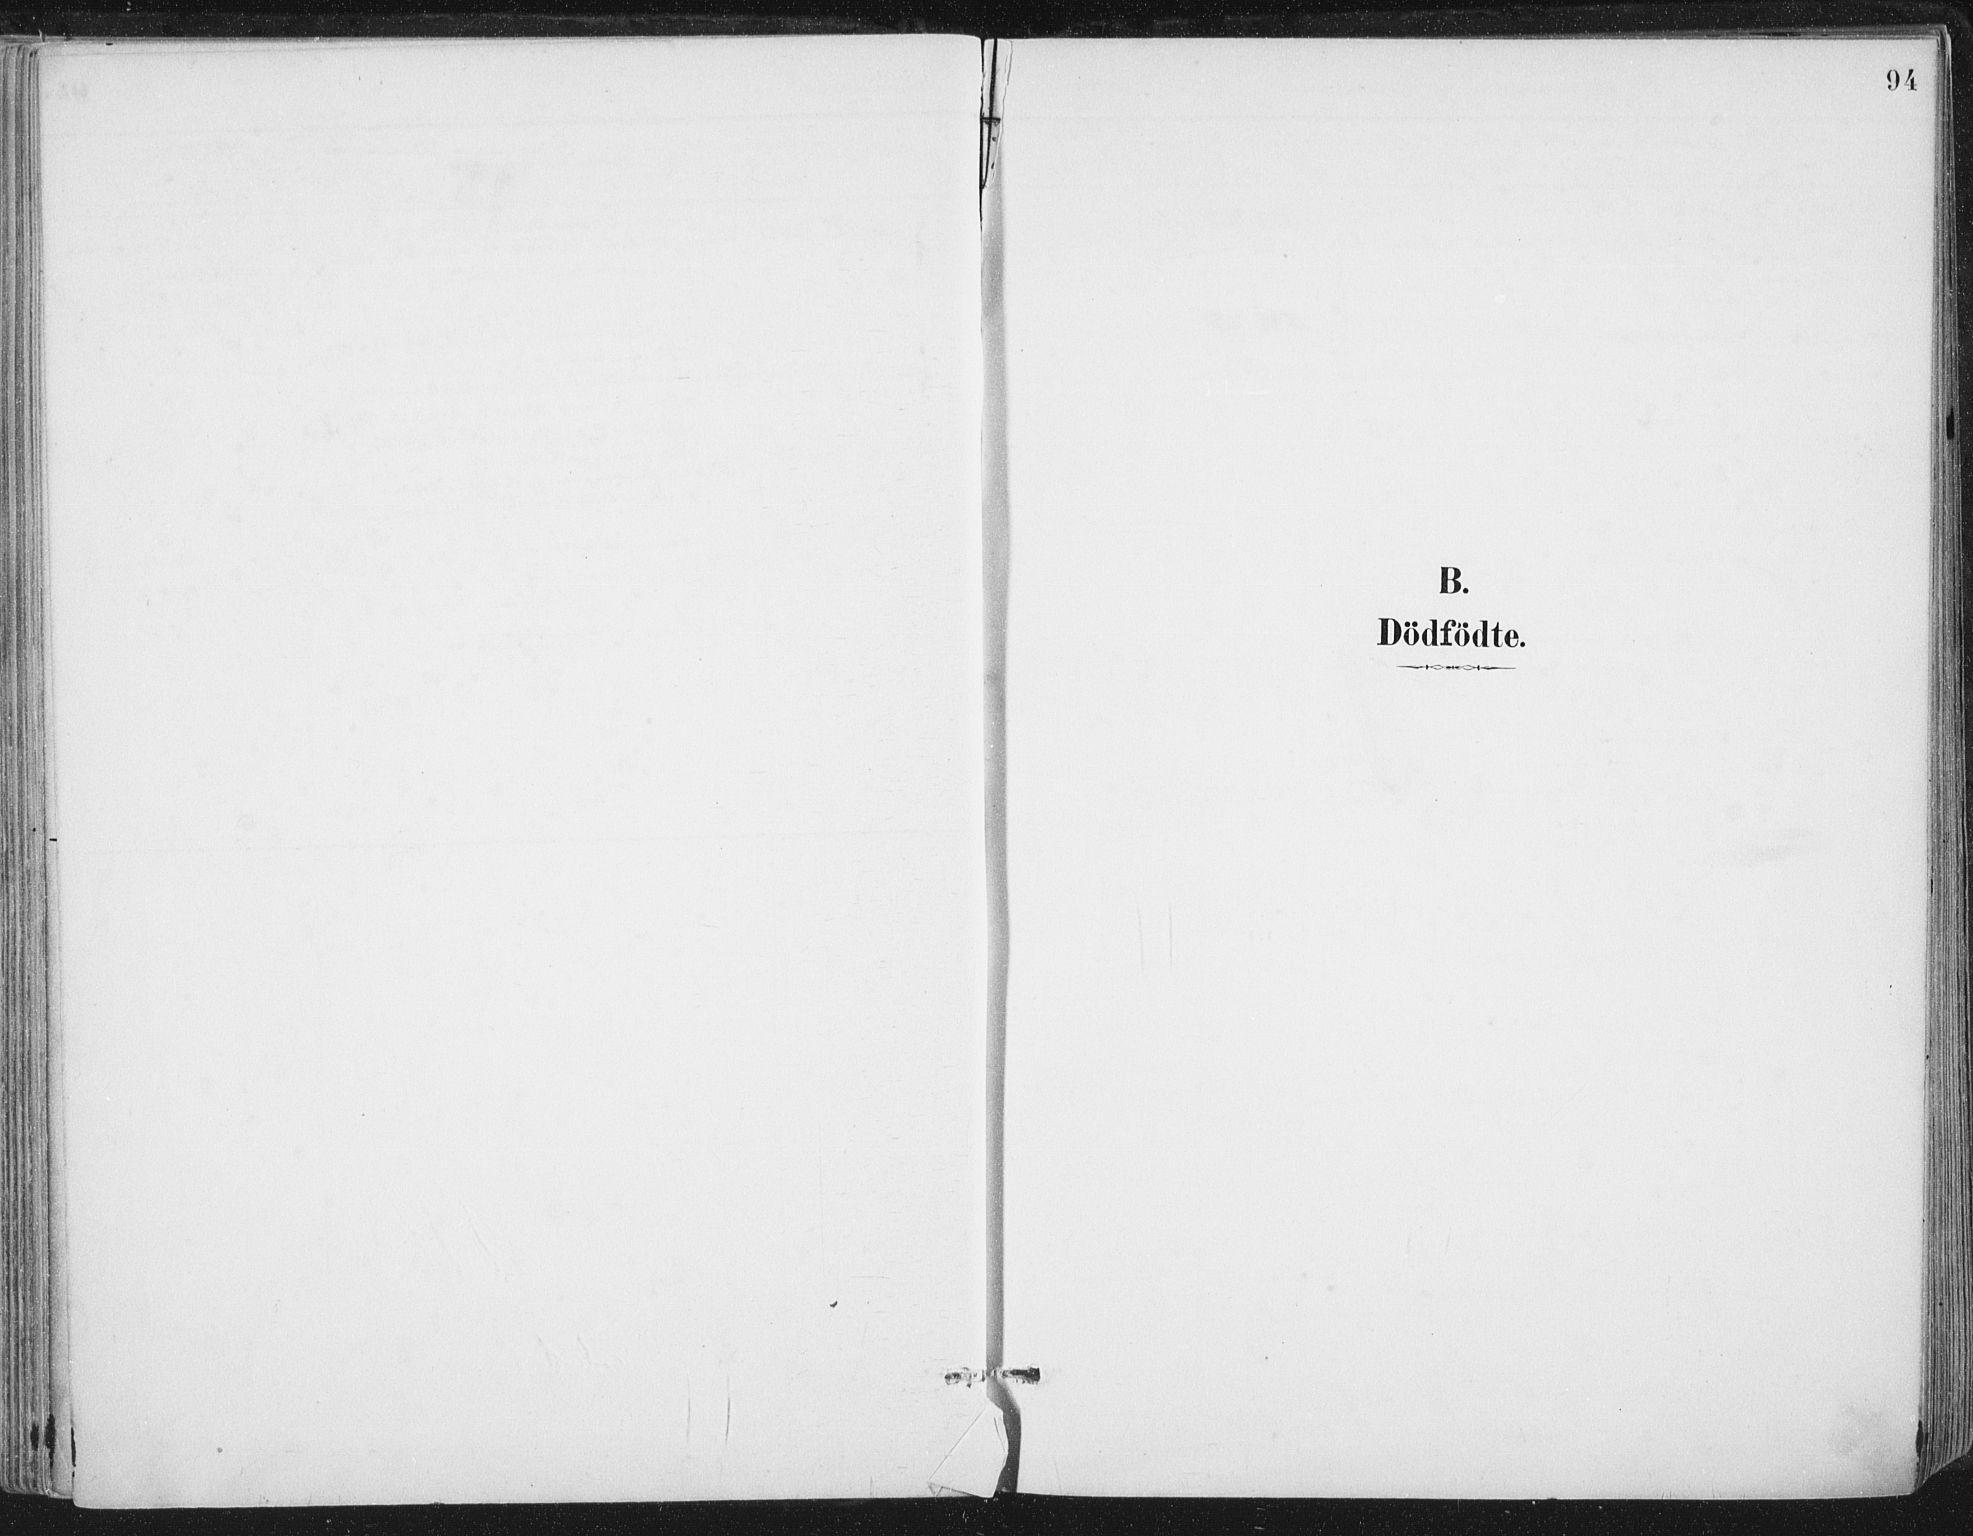 SAT, Ministerialprotokoller, klokkerbøker og fødselsregistre - Nord-Trøndelag, 784/L0673: Ministerialbok nr. 784A08, 1888-1899, s. 94